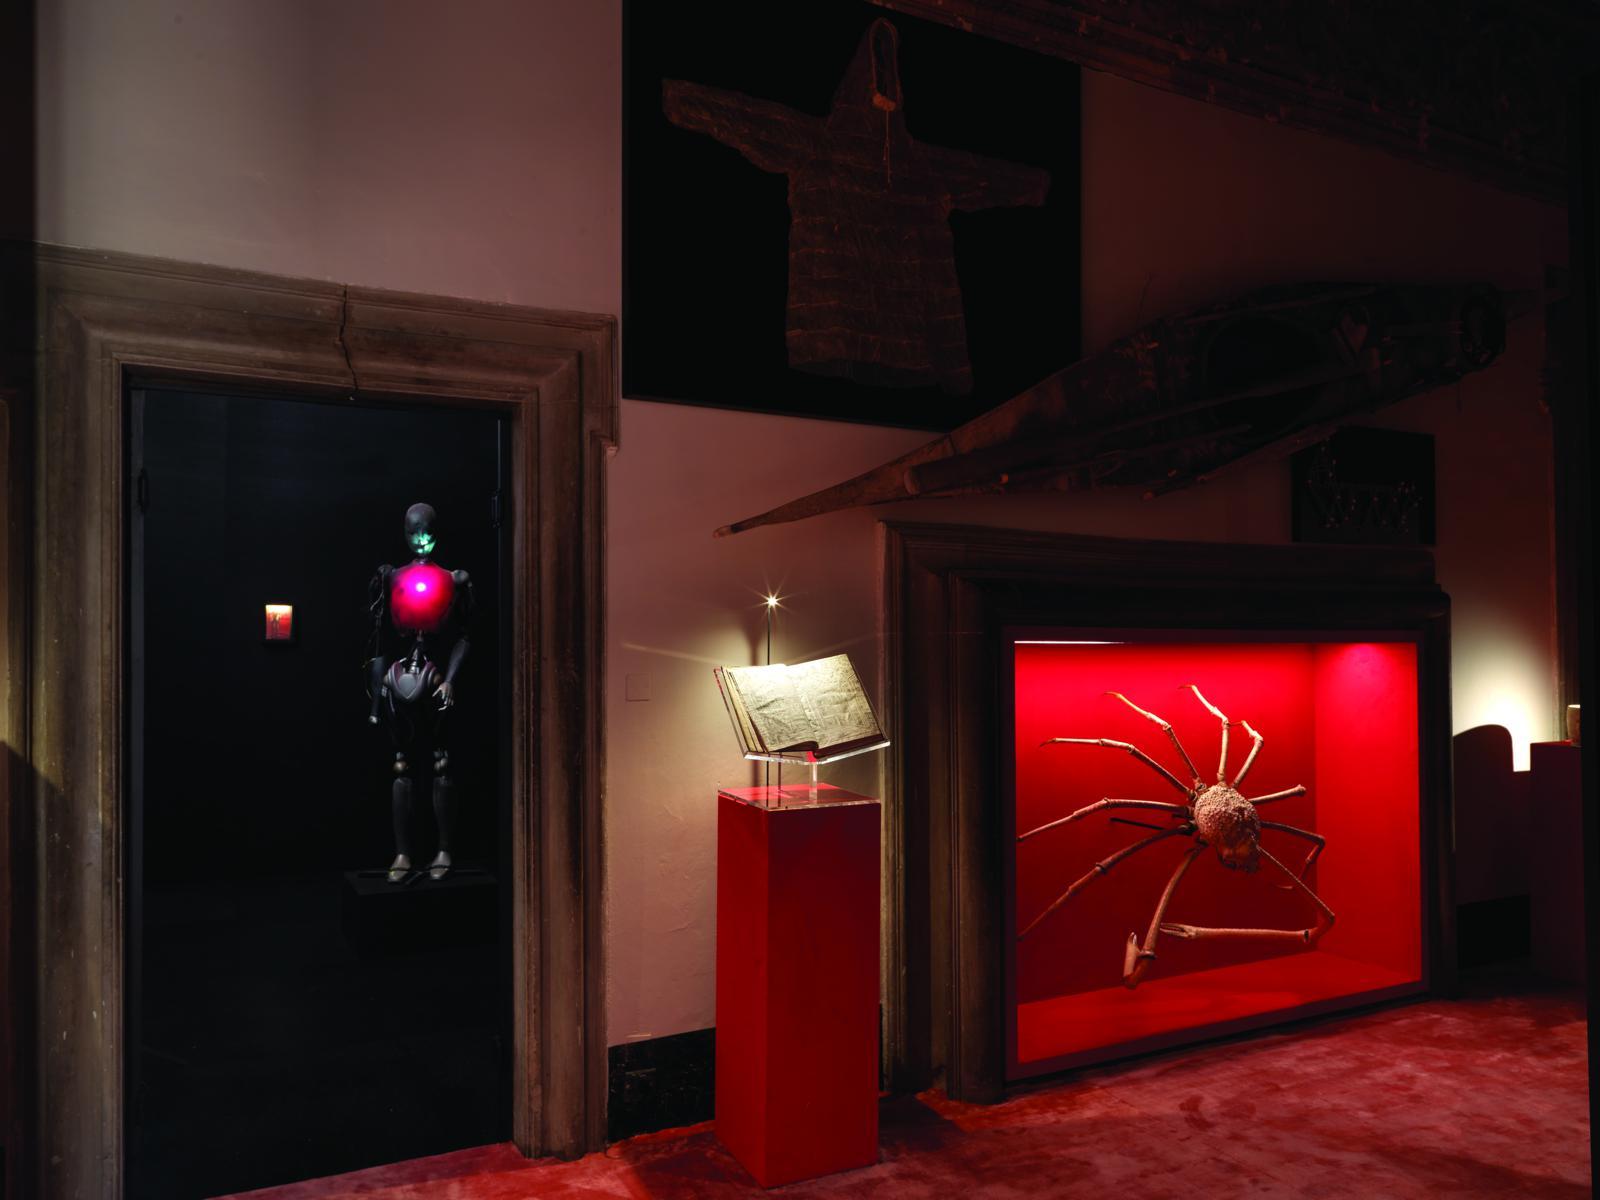 Wunderkammer Arezzo, foto di Massimo Listri